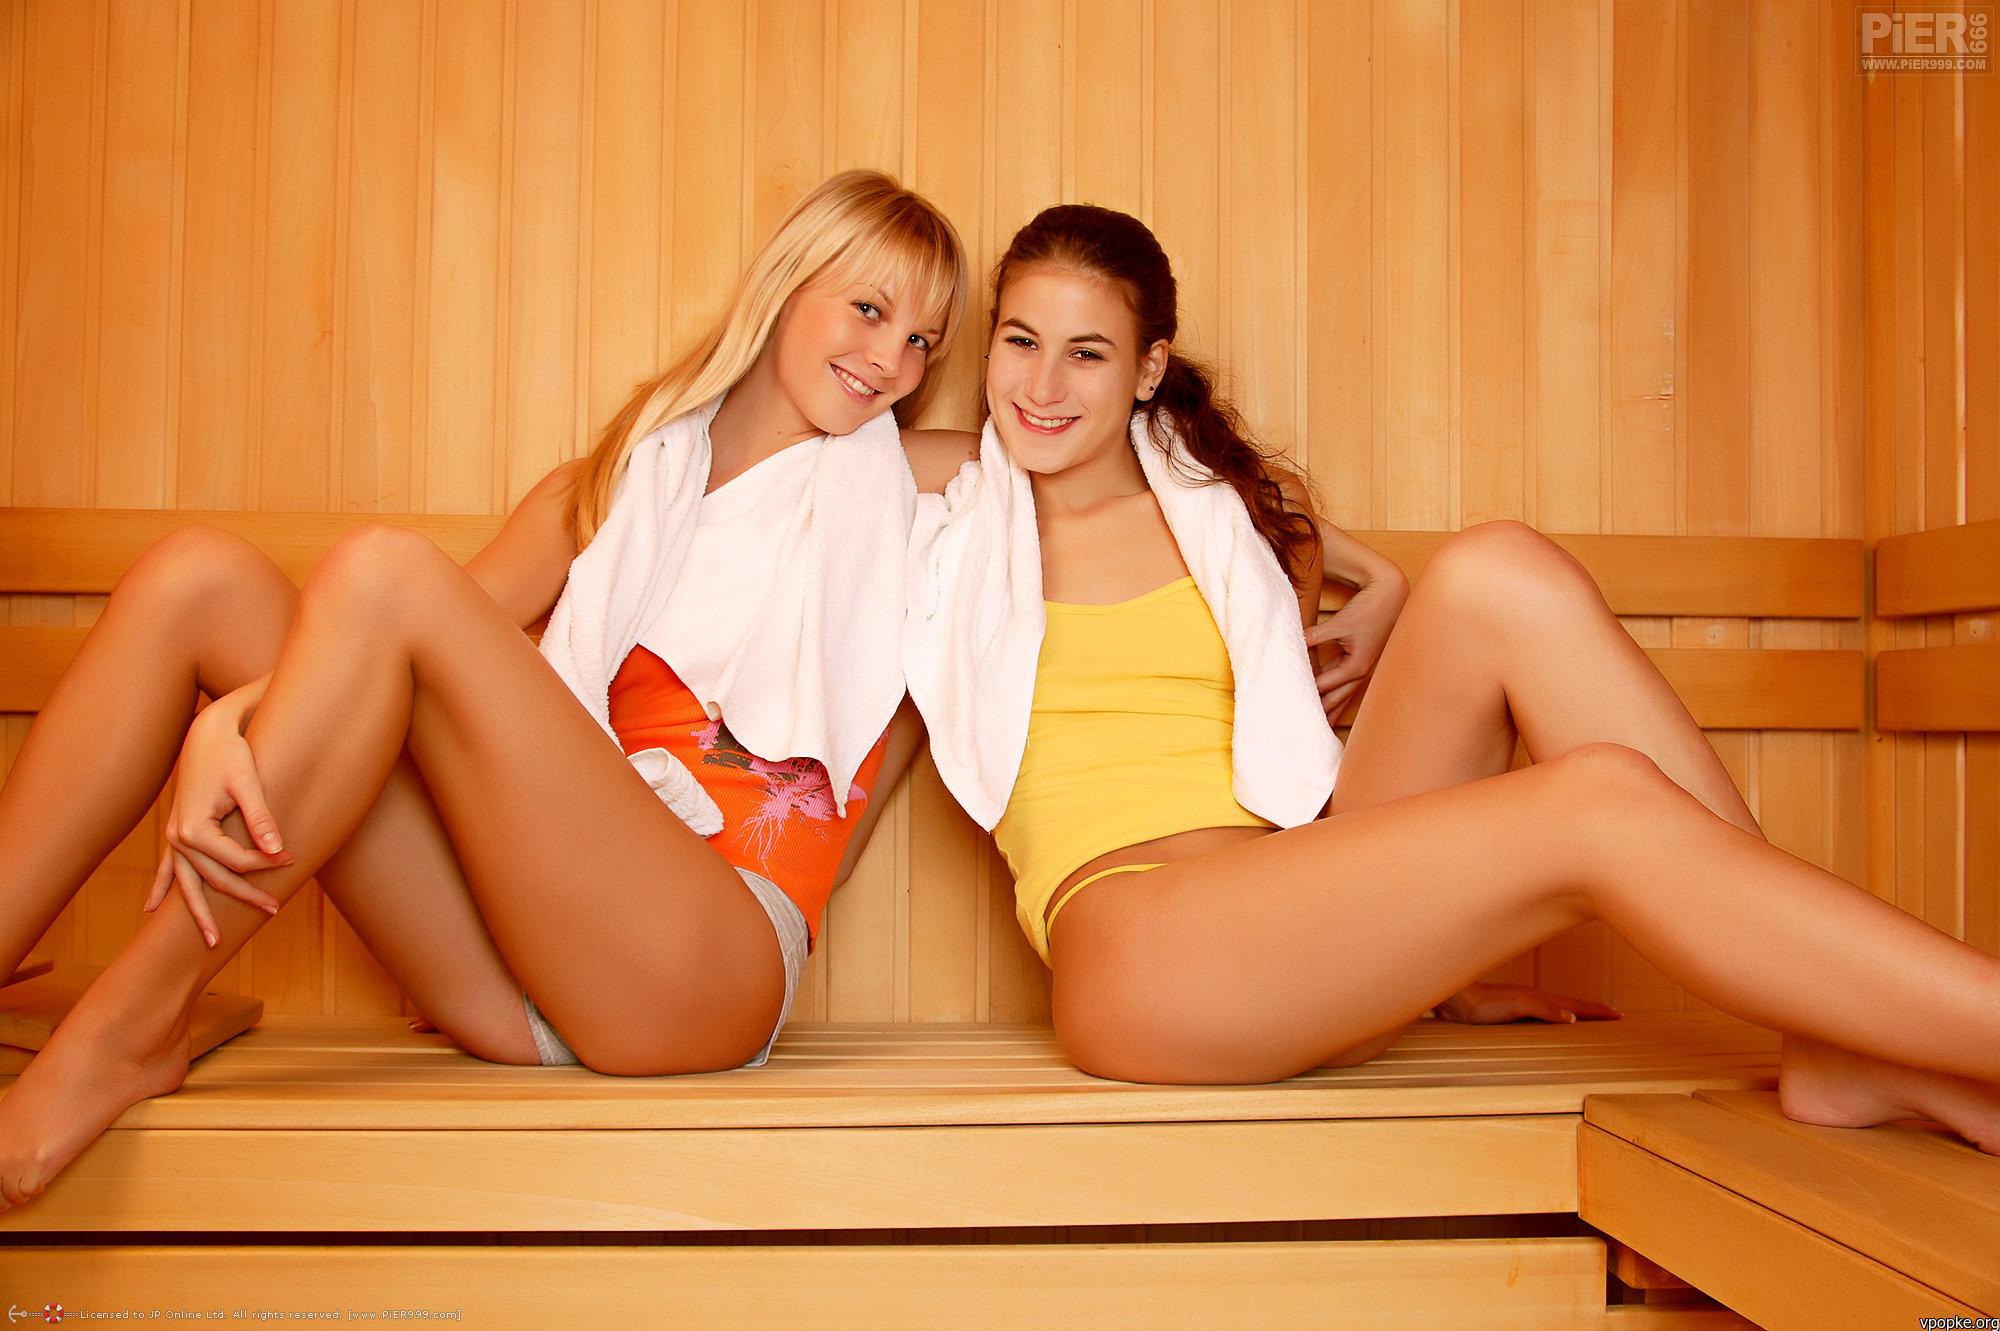 Фото девушка в бане в сексуальном белье 17 фотография